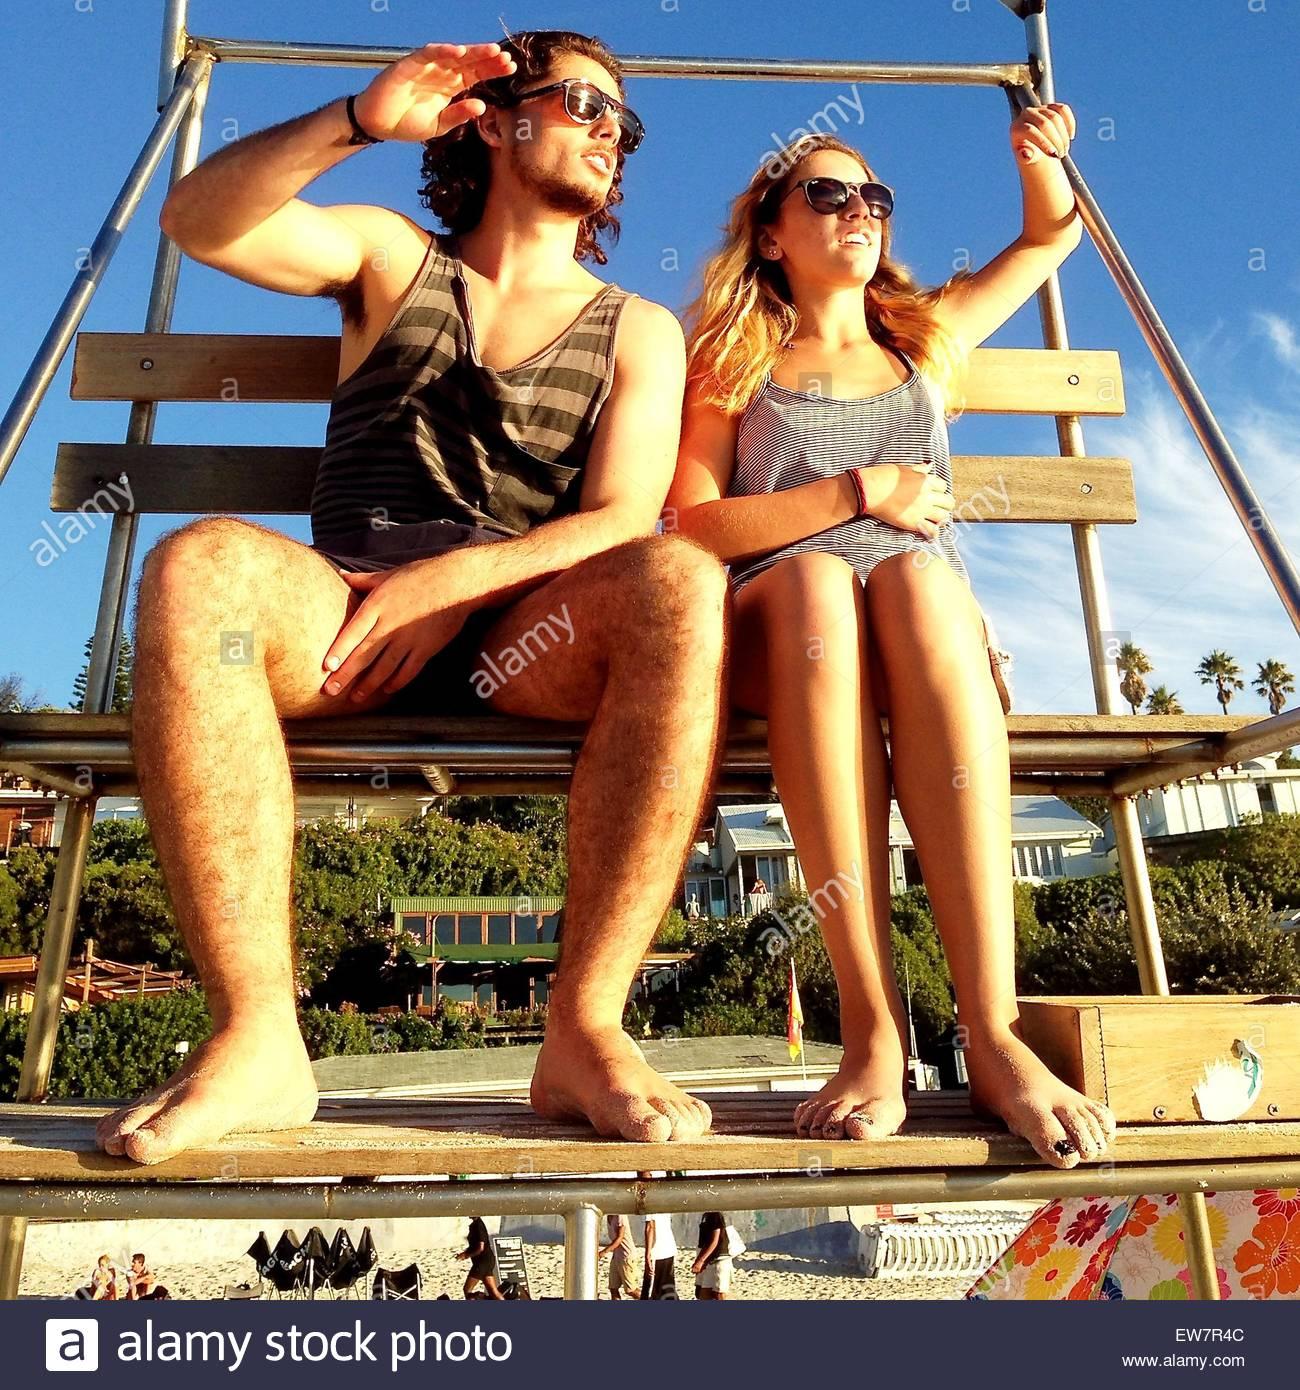 Mann und Frau sitzen auf einem Rettungsschwimmer-Turm, Clifton Beach, Cape Town, Südafrika Stockbild